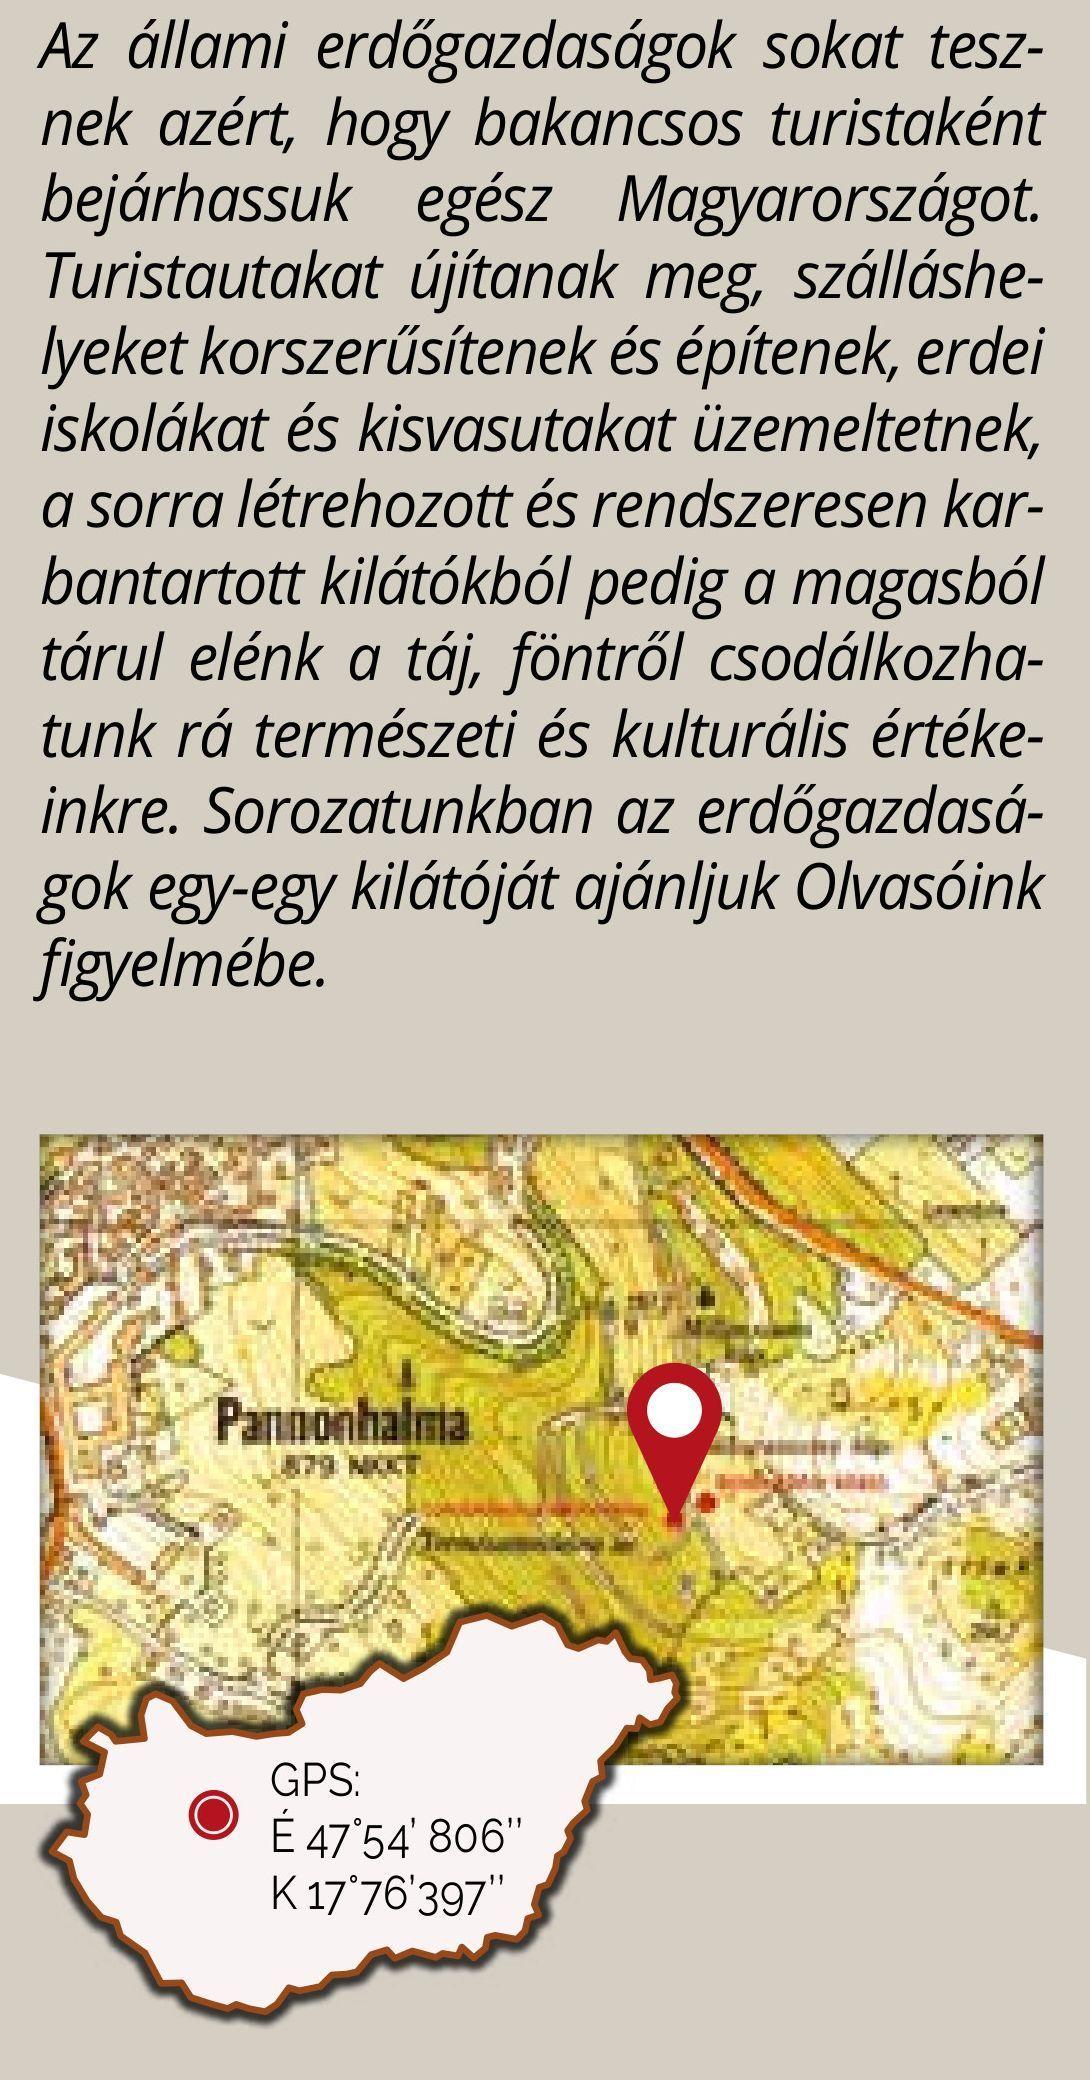 saját kivitelezésében elkészült Lombkorona tanösvénye olyan hihetetlenül  népszerű kirándulóhely lett 450da958b8